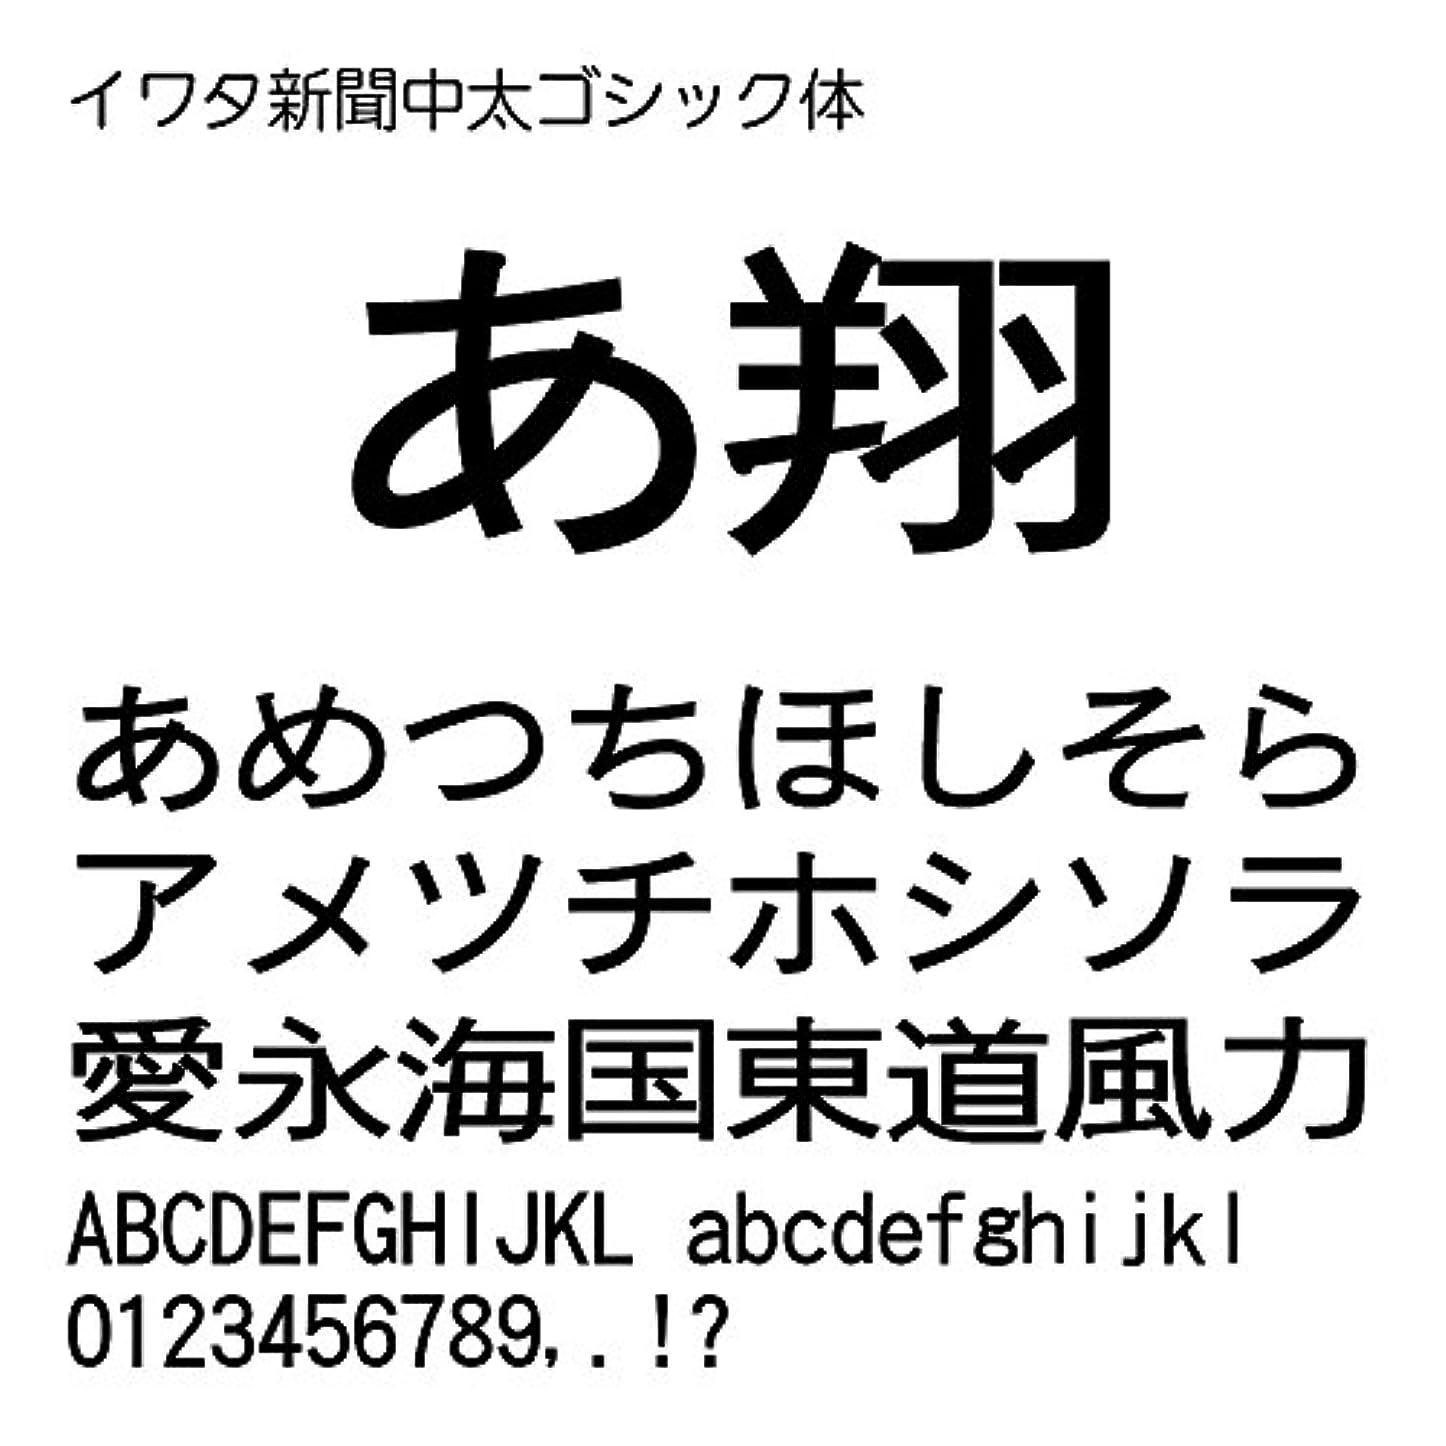 弾力性のある性別小間イワタ新聞中太ゴシック体 TrueType Font for Windows [ダウンロード]